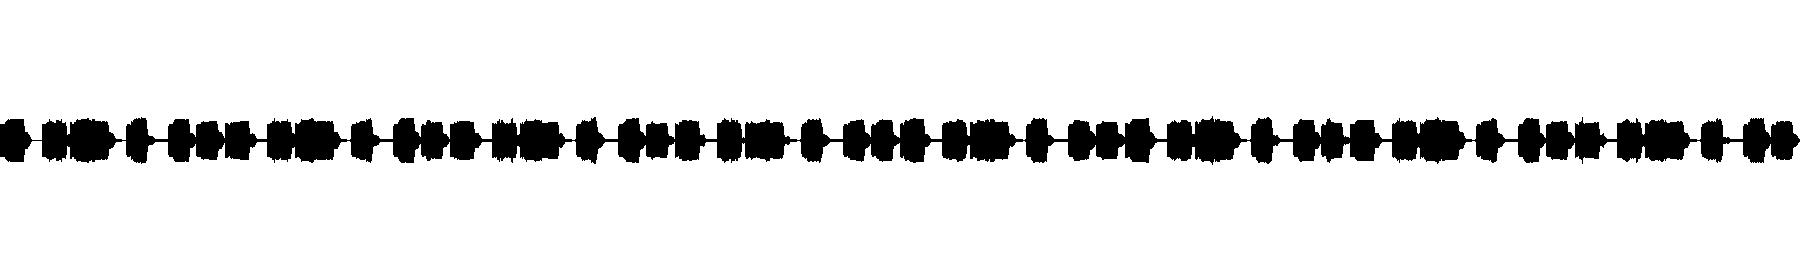 acid loop 110